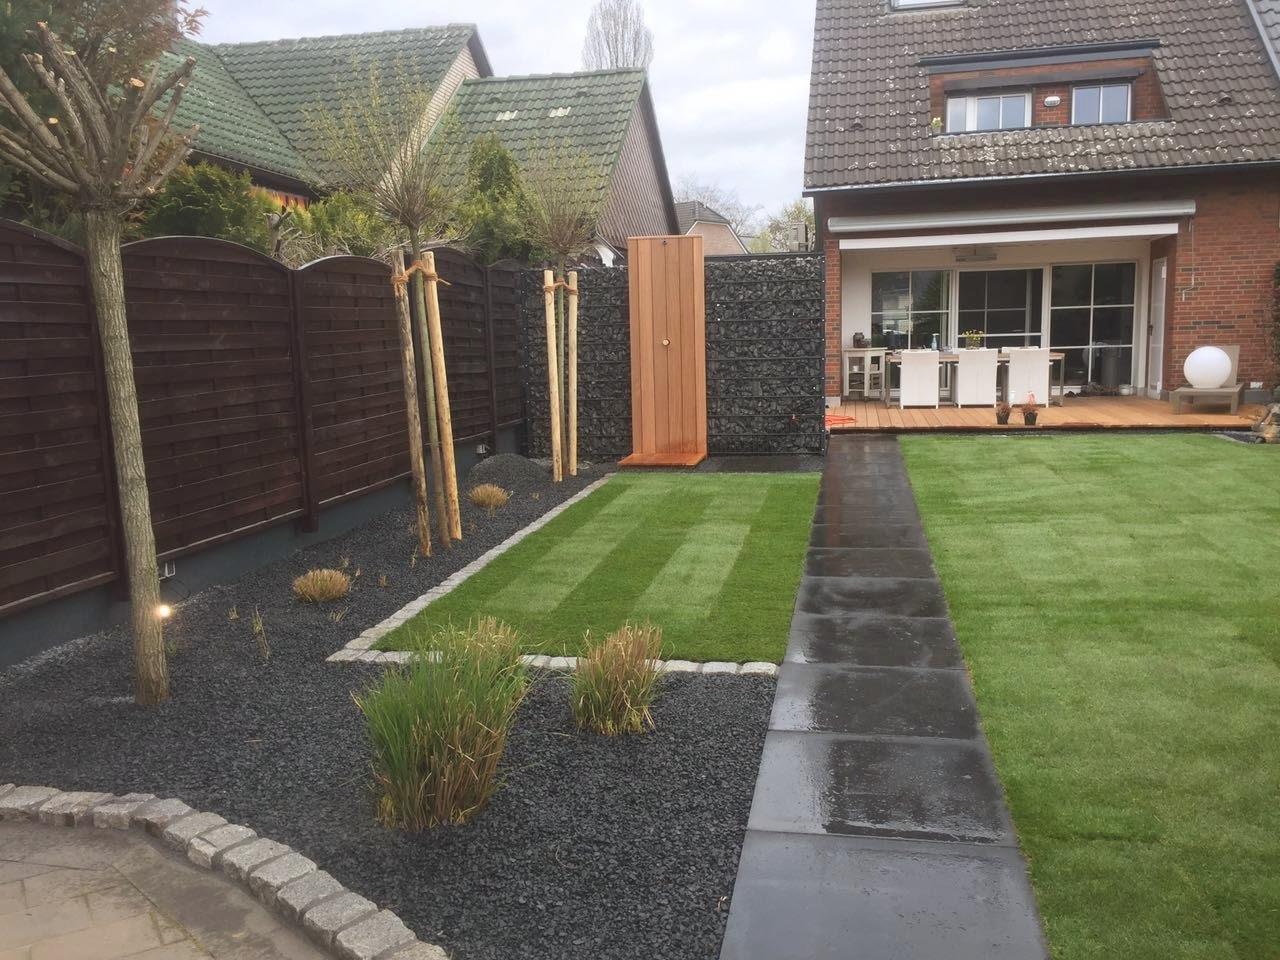 Gartengestaltung bernd pasch - Gartengestaltung app ...